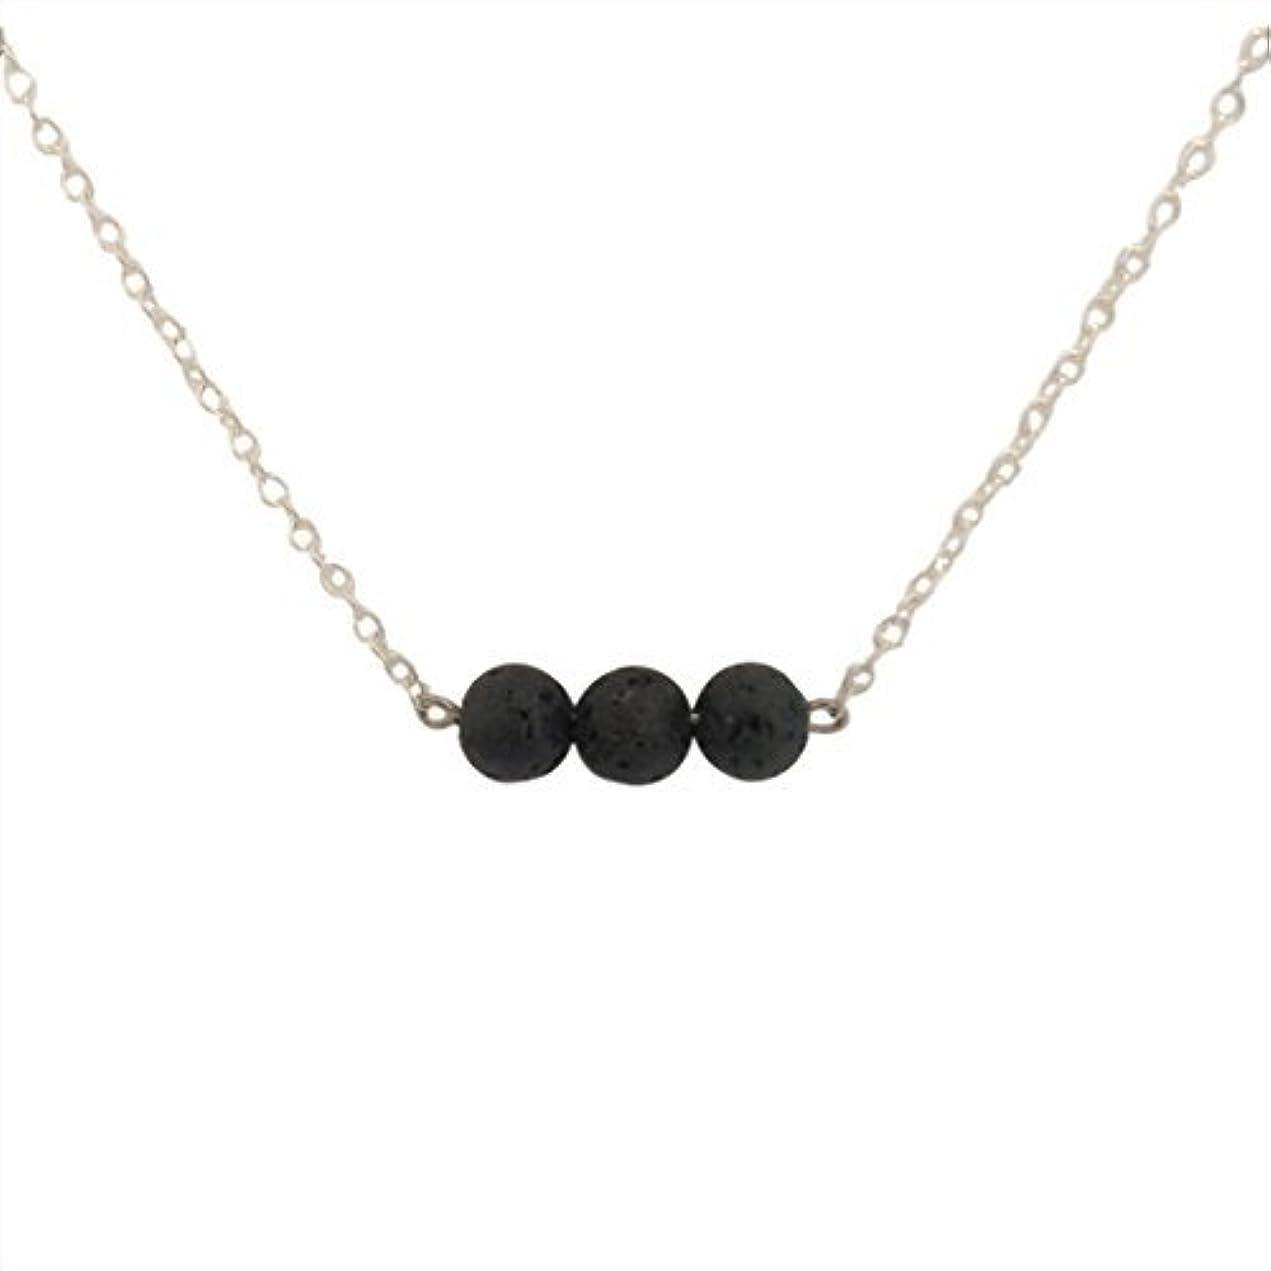 修正精神医学願うTrio of Lava Beads Bar Aromatherapy Necklace Essential Oil Diffuser Lava Stone Pendant Jewelry [並行輸入品]